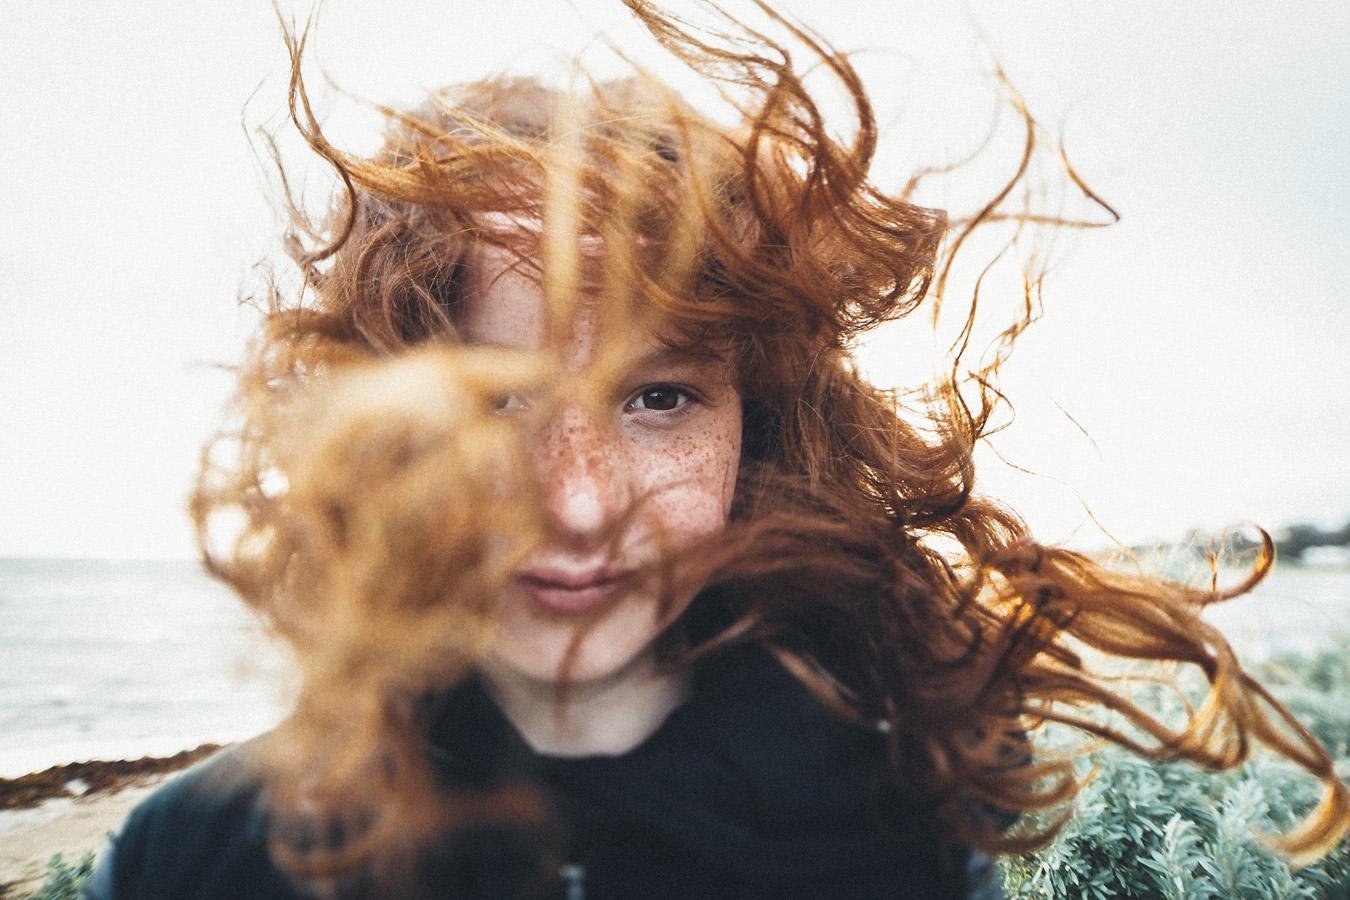 «Веснушки + Ветер», © Анна Тейлор / Anna Taylor, Мельбурн, Австралия, Первое место в категории Профессионал : Портреты, Фотоконкурс «Стиль жизни» / Lifestyle Photography Competiton